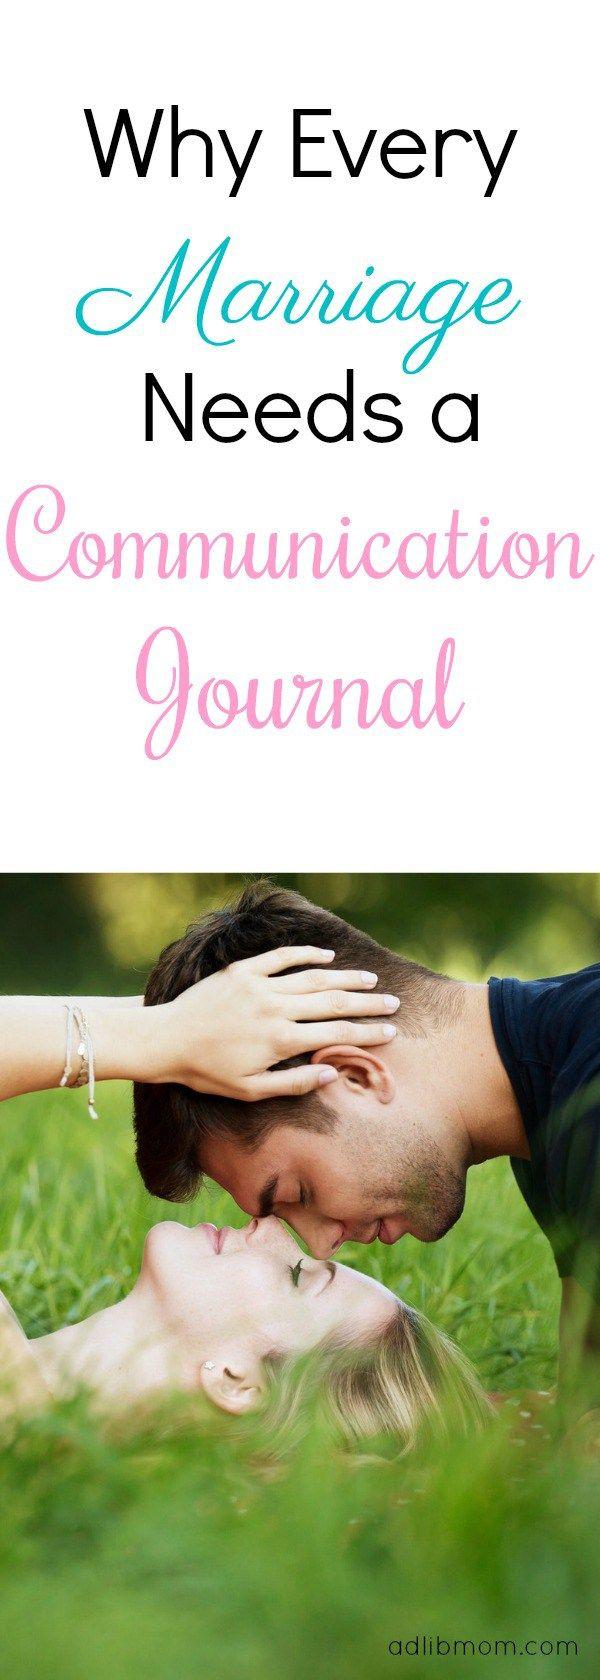 Communication Journal  No. 31